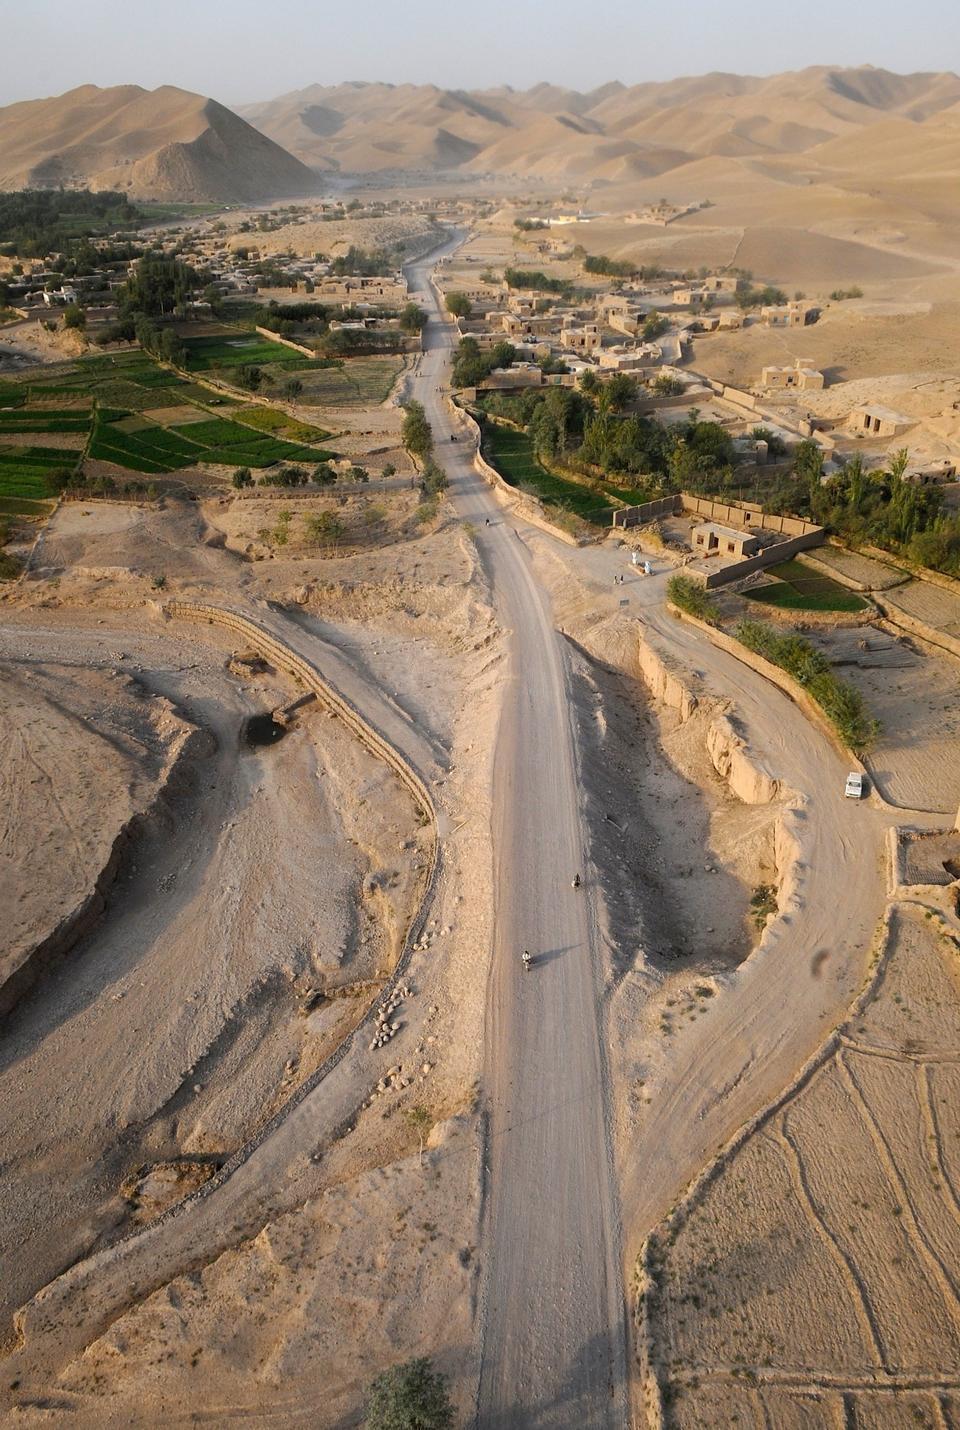 칸다하르 지방, 아프가니스탄에서 전형적인 작은 마을 클러스터